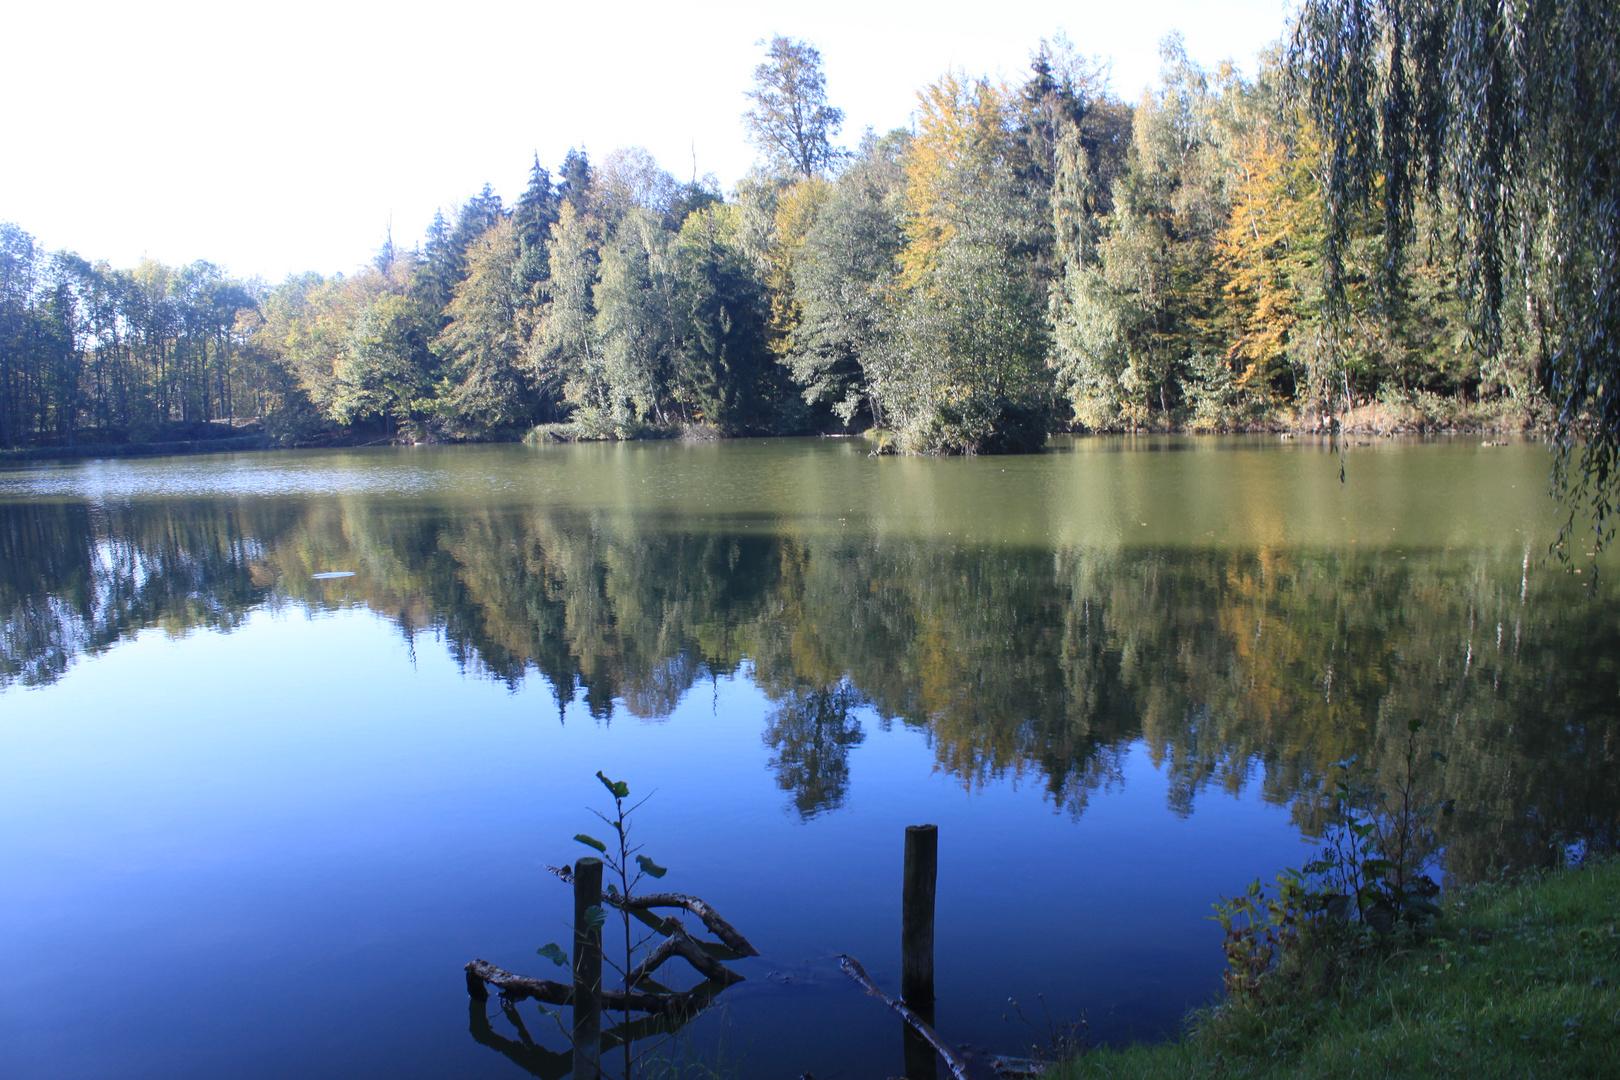 Oktober am Veronikasee bei Veltheim / Ohe